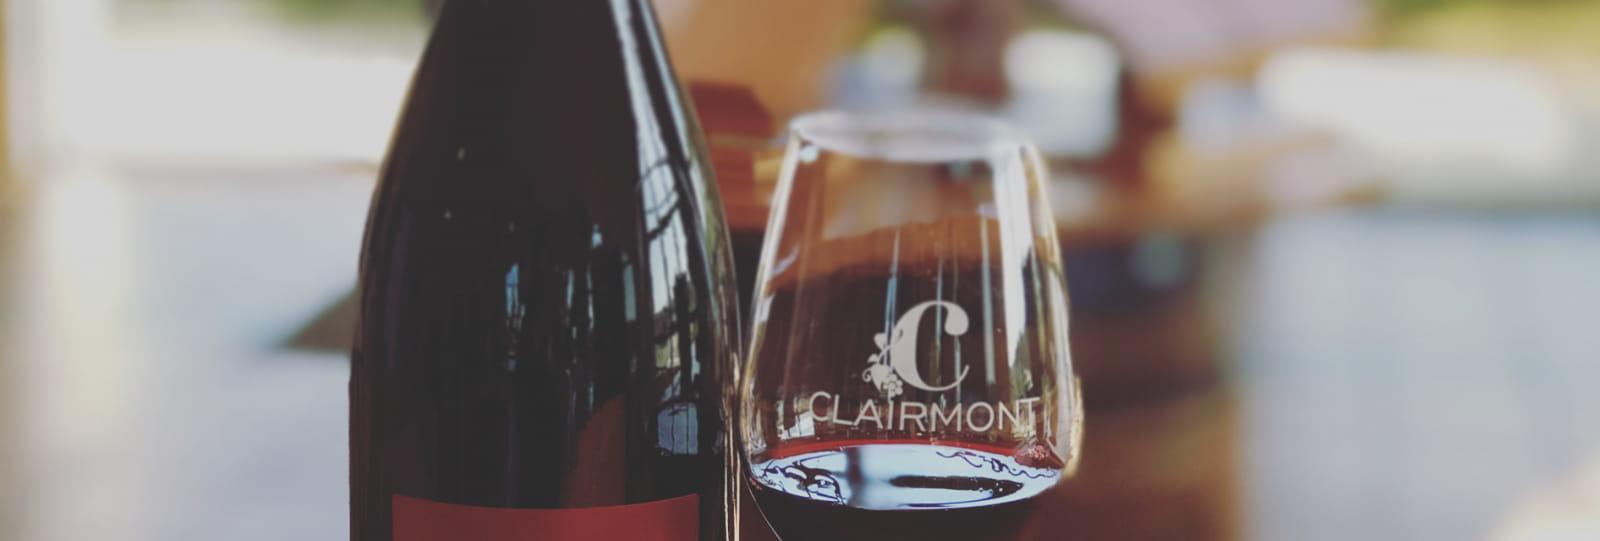 Clairmont Caveau